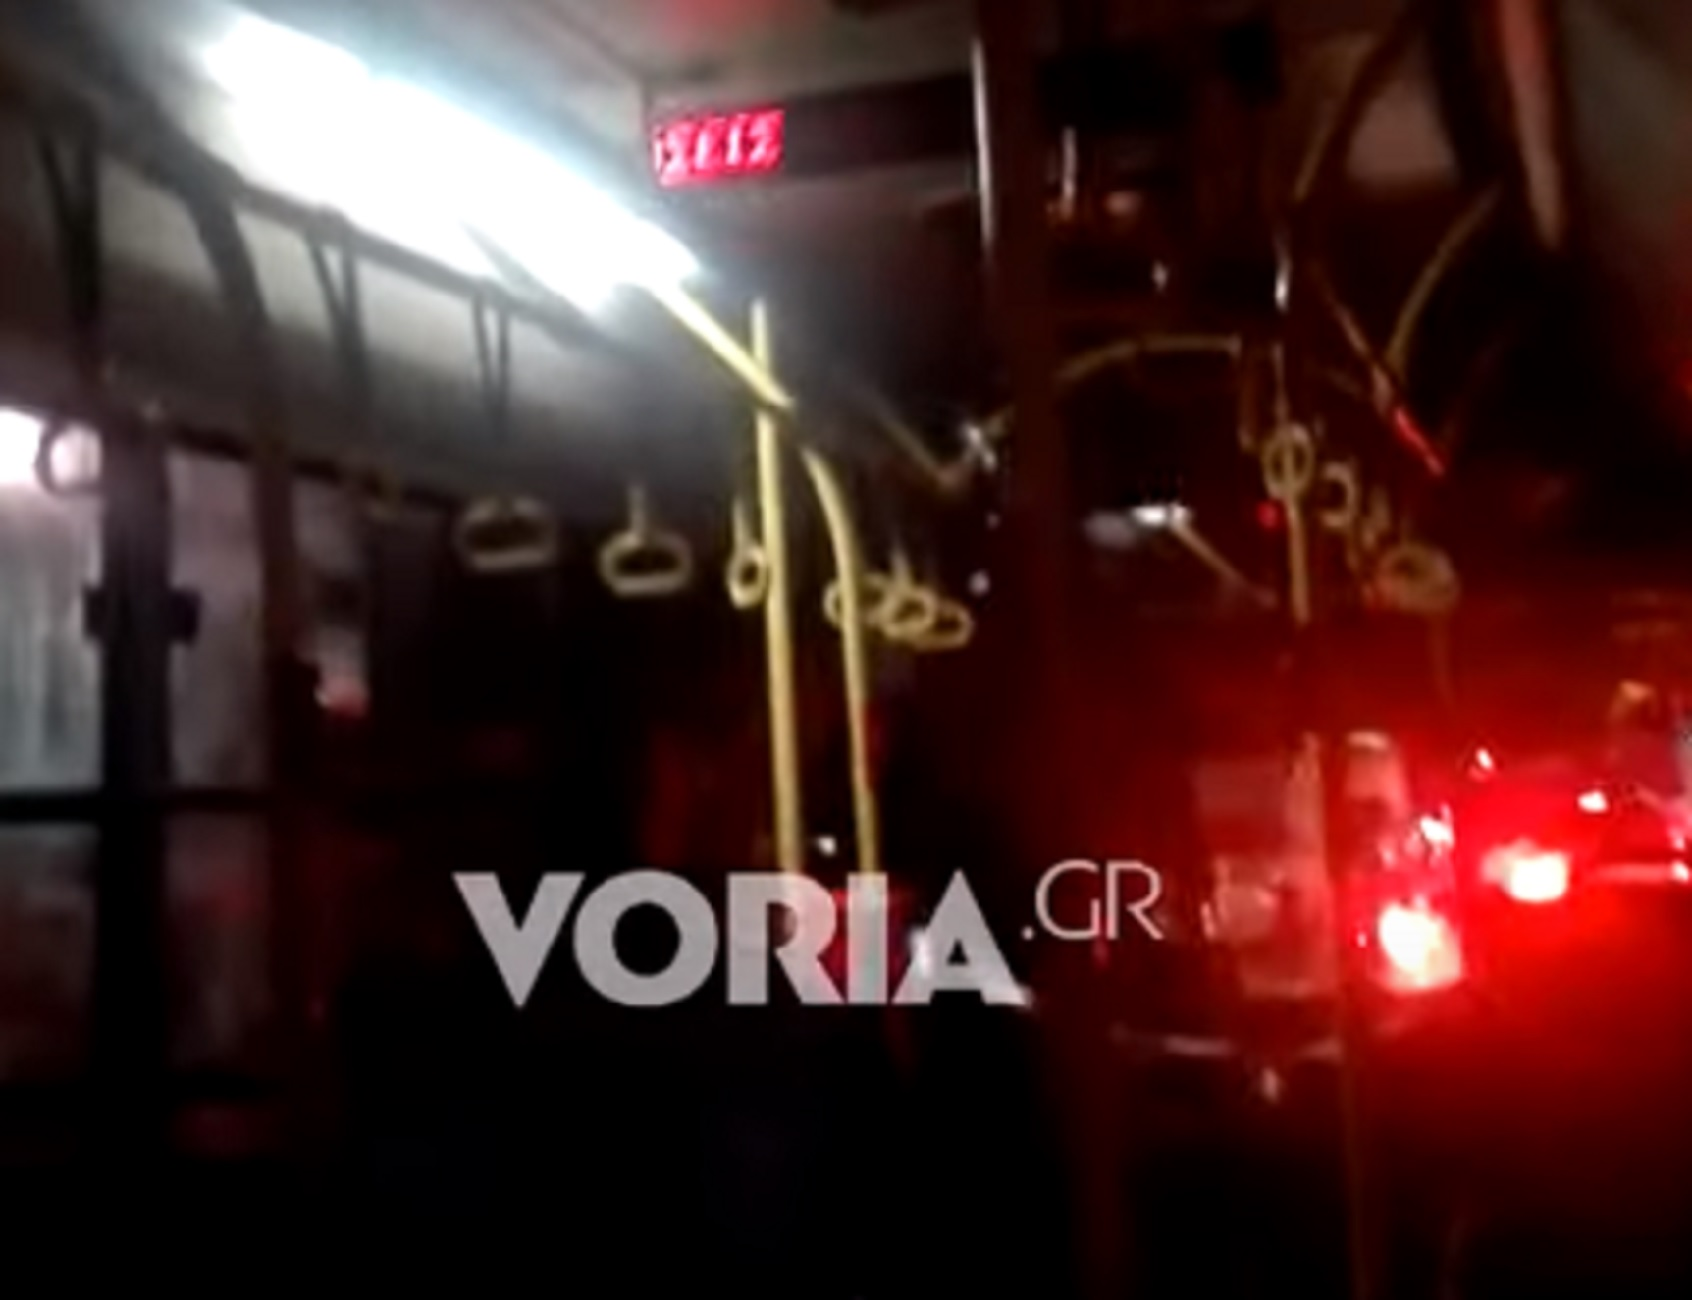 Θεσσαλονίκη: Έβρεχε και μέσα στο λεωφορείο του ΟΑΣΘ – Έπαθαν πλάκα όταν έκλεισαν οι πόρτες (video)